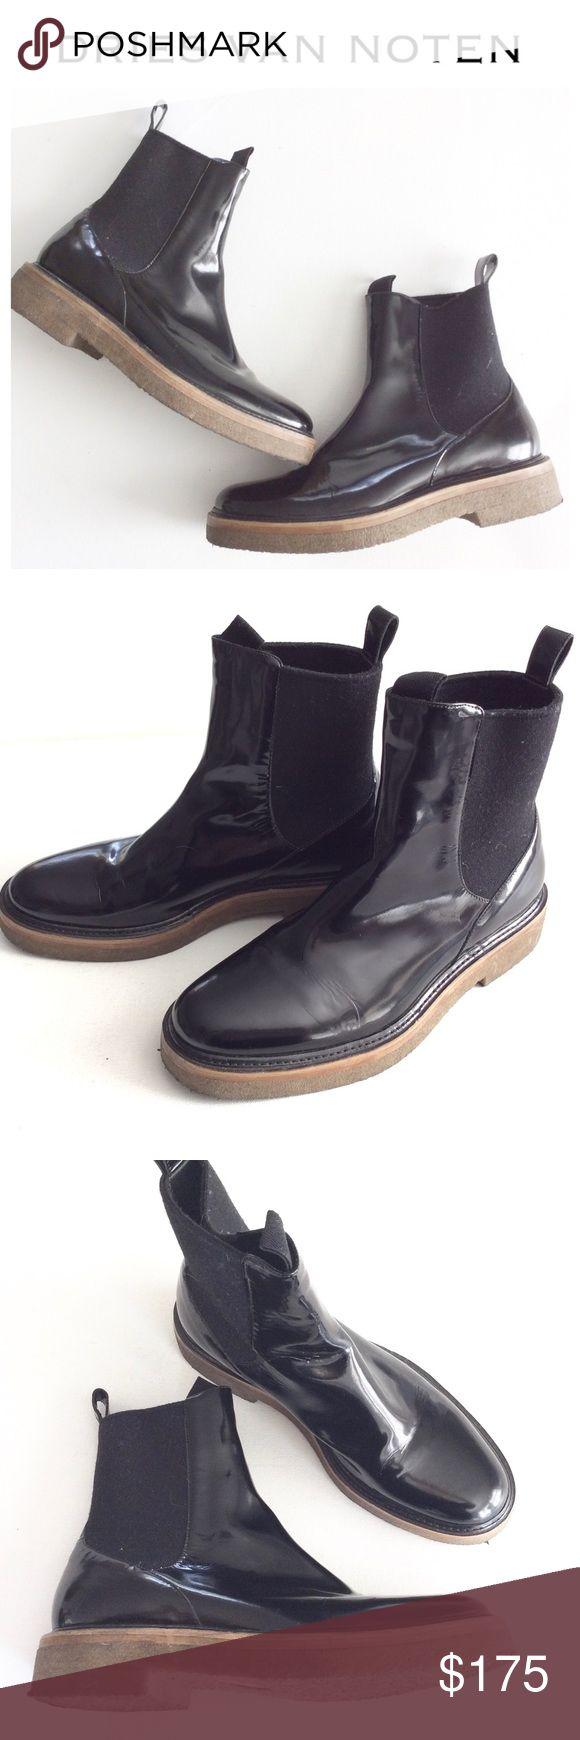 DRIES VAN NOTEN. Black Chelsea ankle Boots 37 euc Fabulous boots by DRIES VAN NOTEN. Pull on ankle boots, so versatile. Size 37. Dries Van Noten Shoes Ankle Boots & Booties